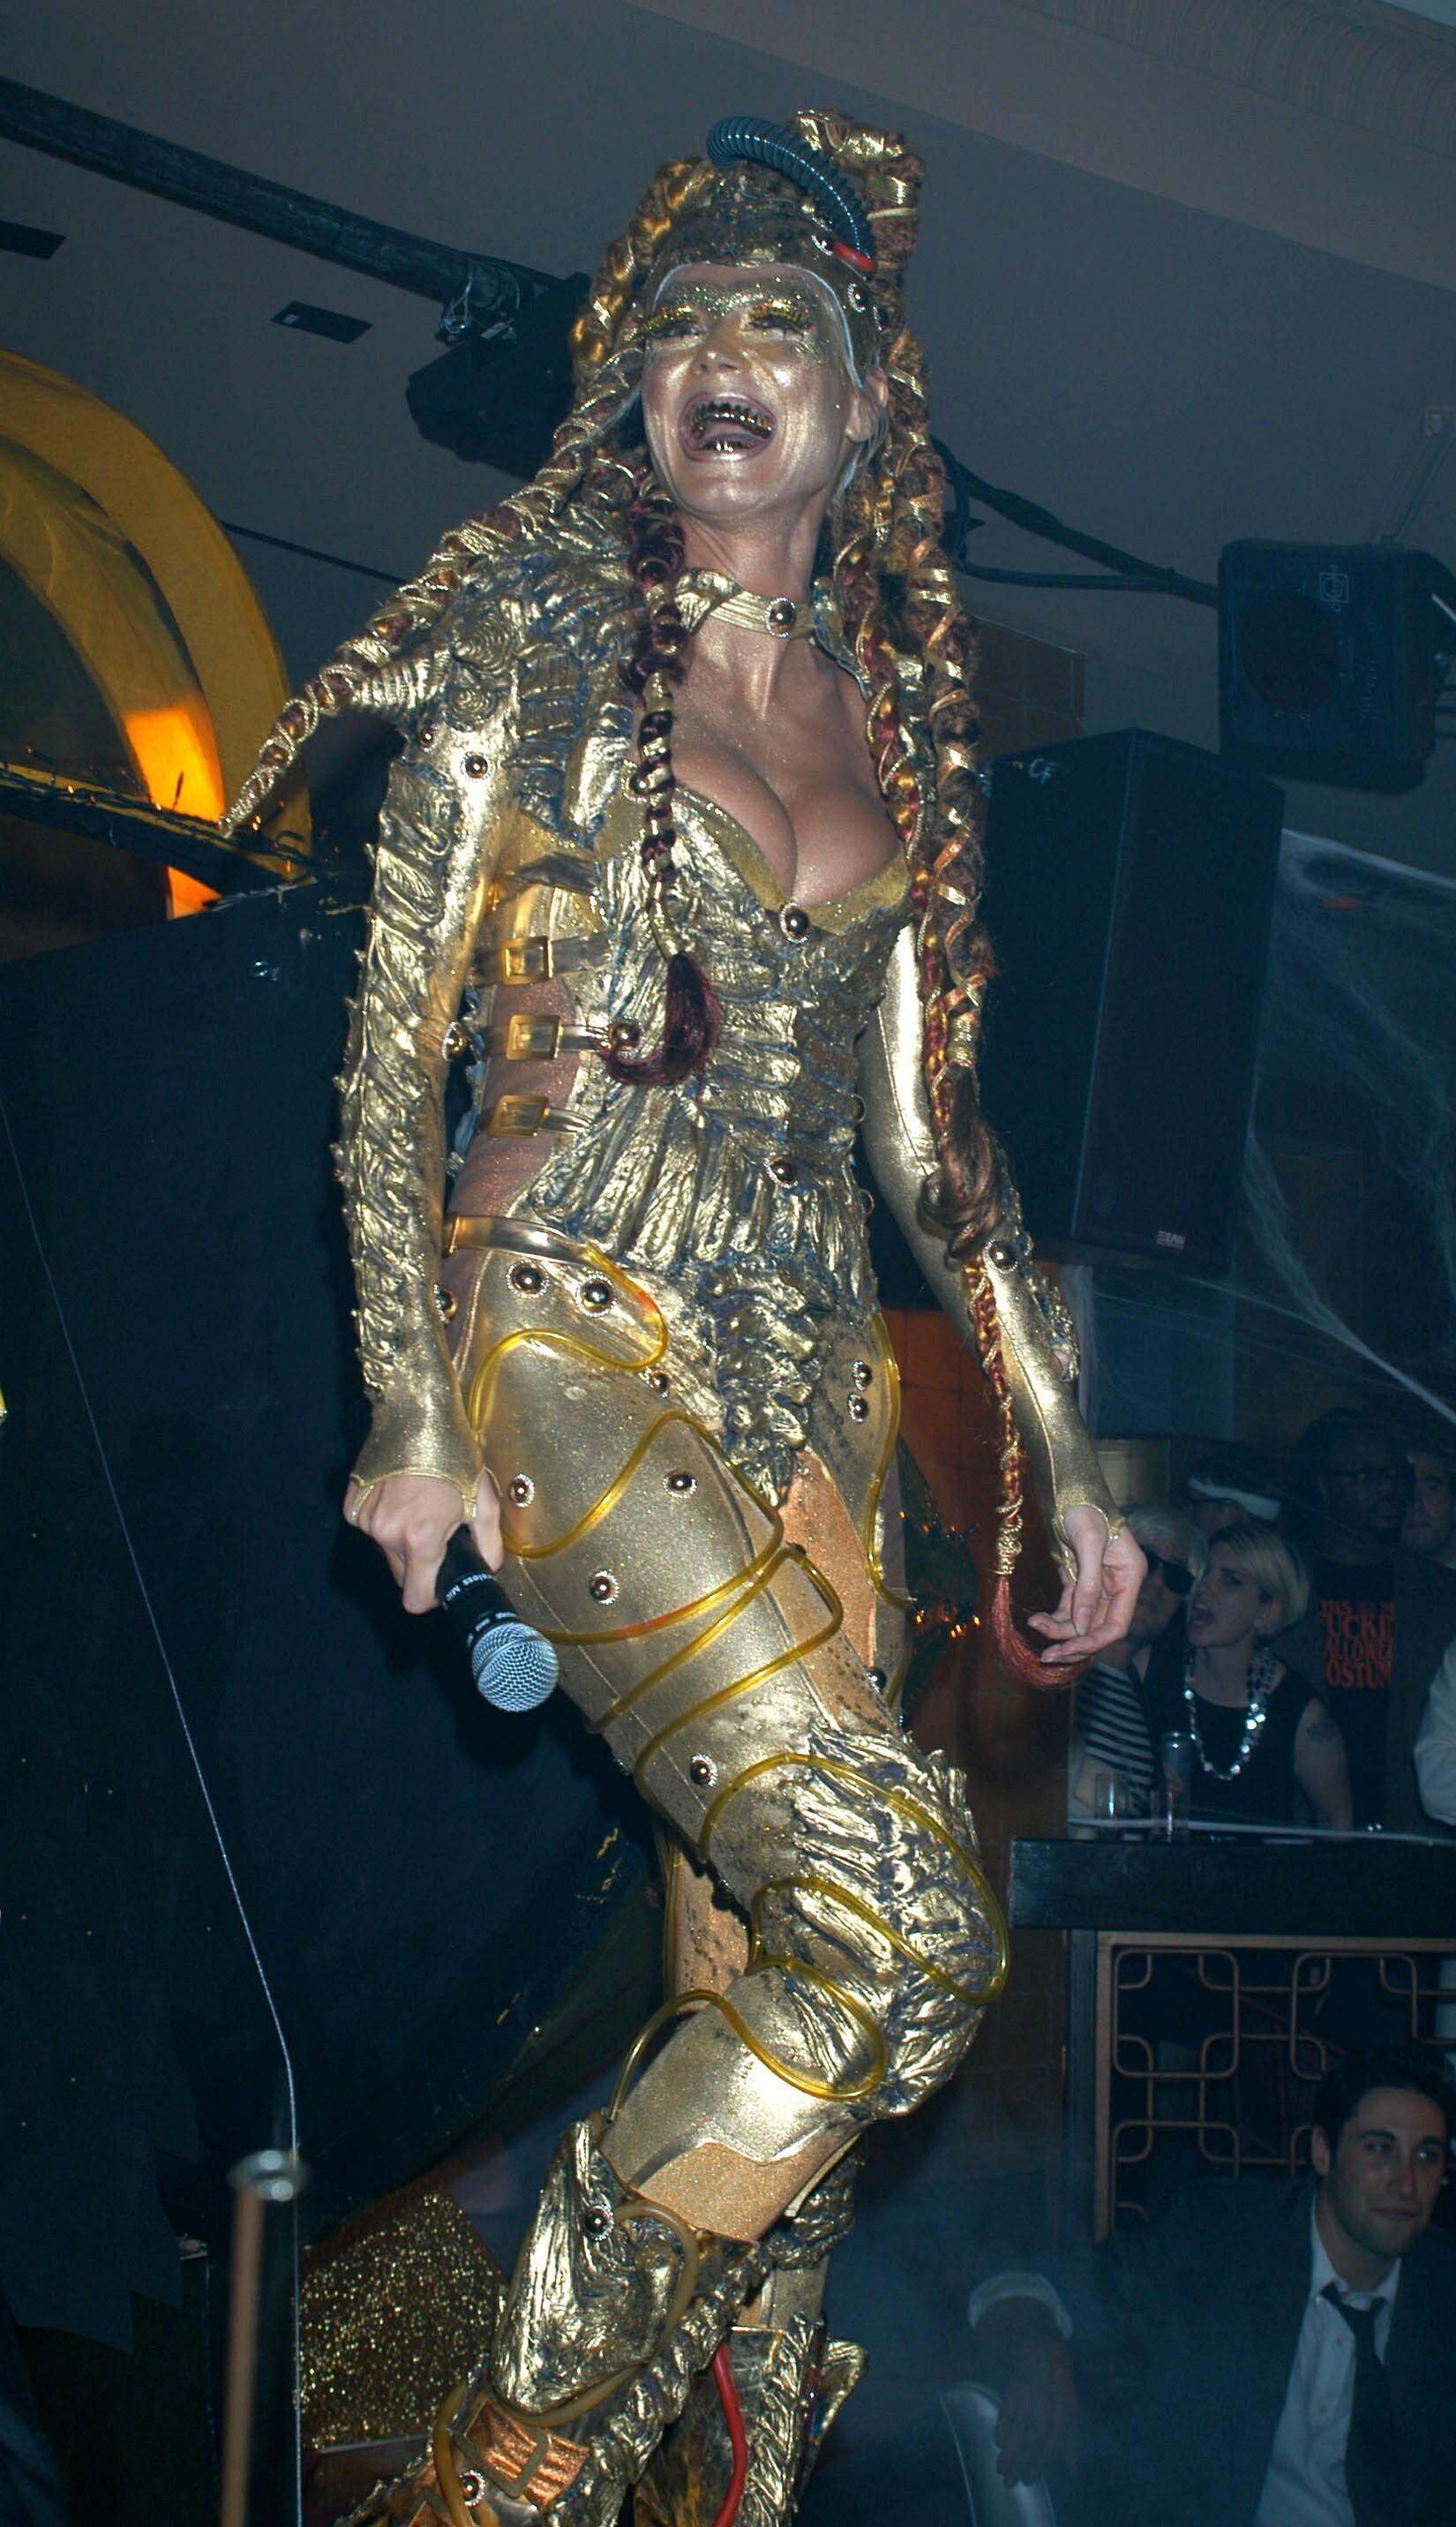 2003 halloween heidi klum robot alien